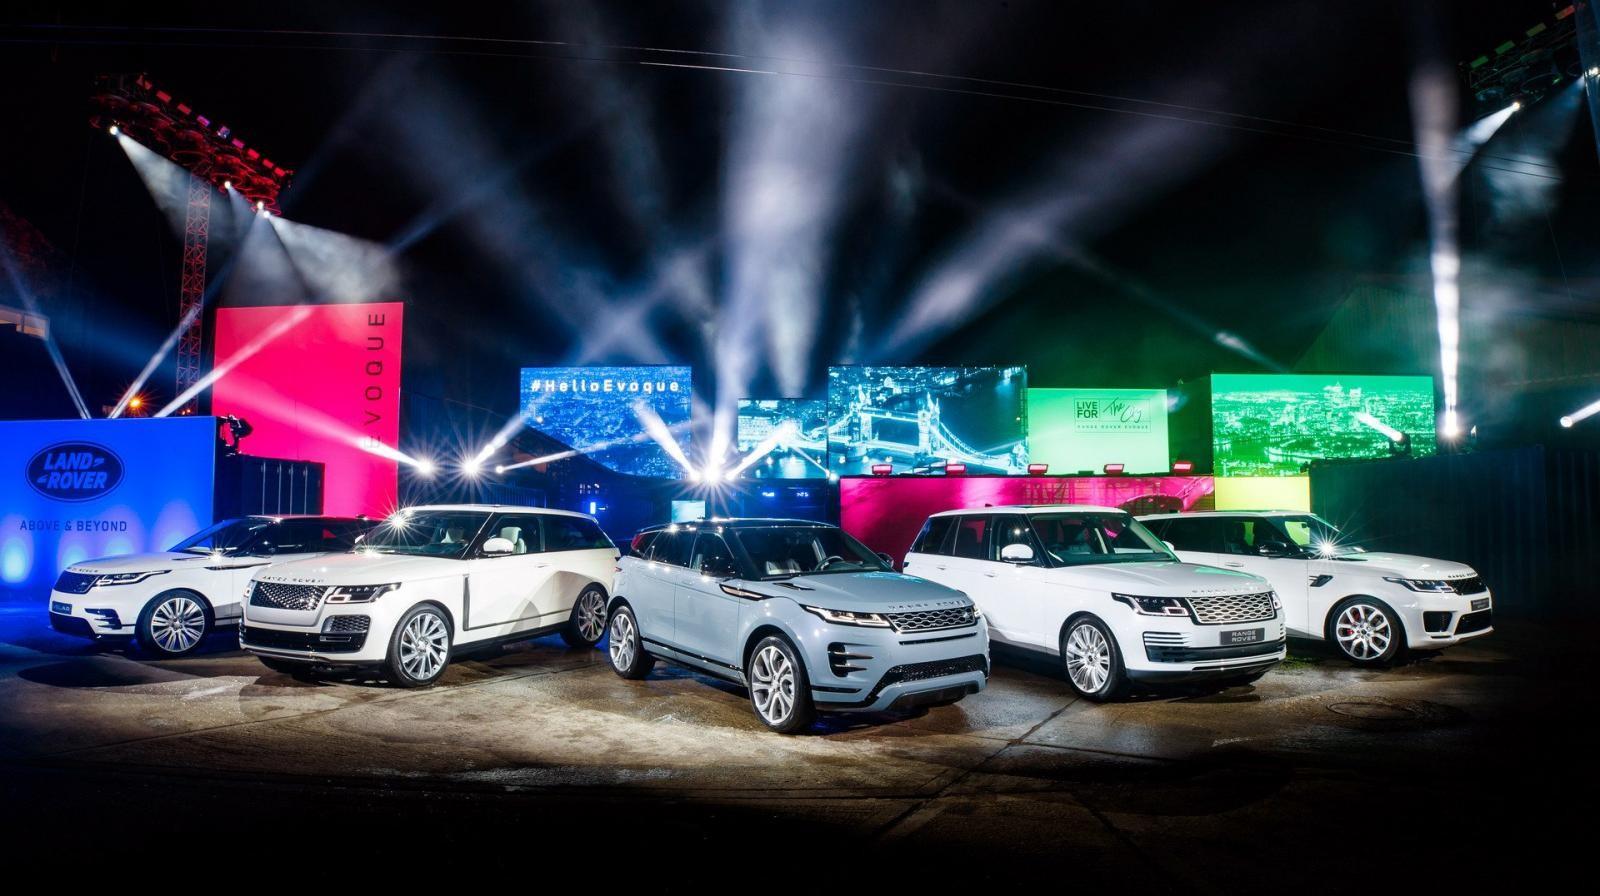 Jaguar Land Rover đang gặp các vấn đề ở Trung Quốc, thị trường lớn nhất của họ.